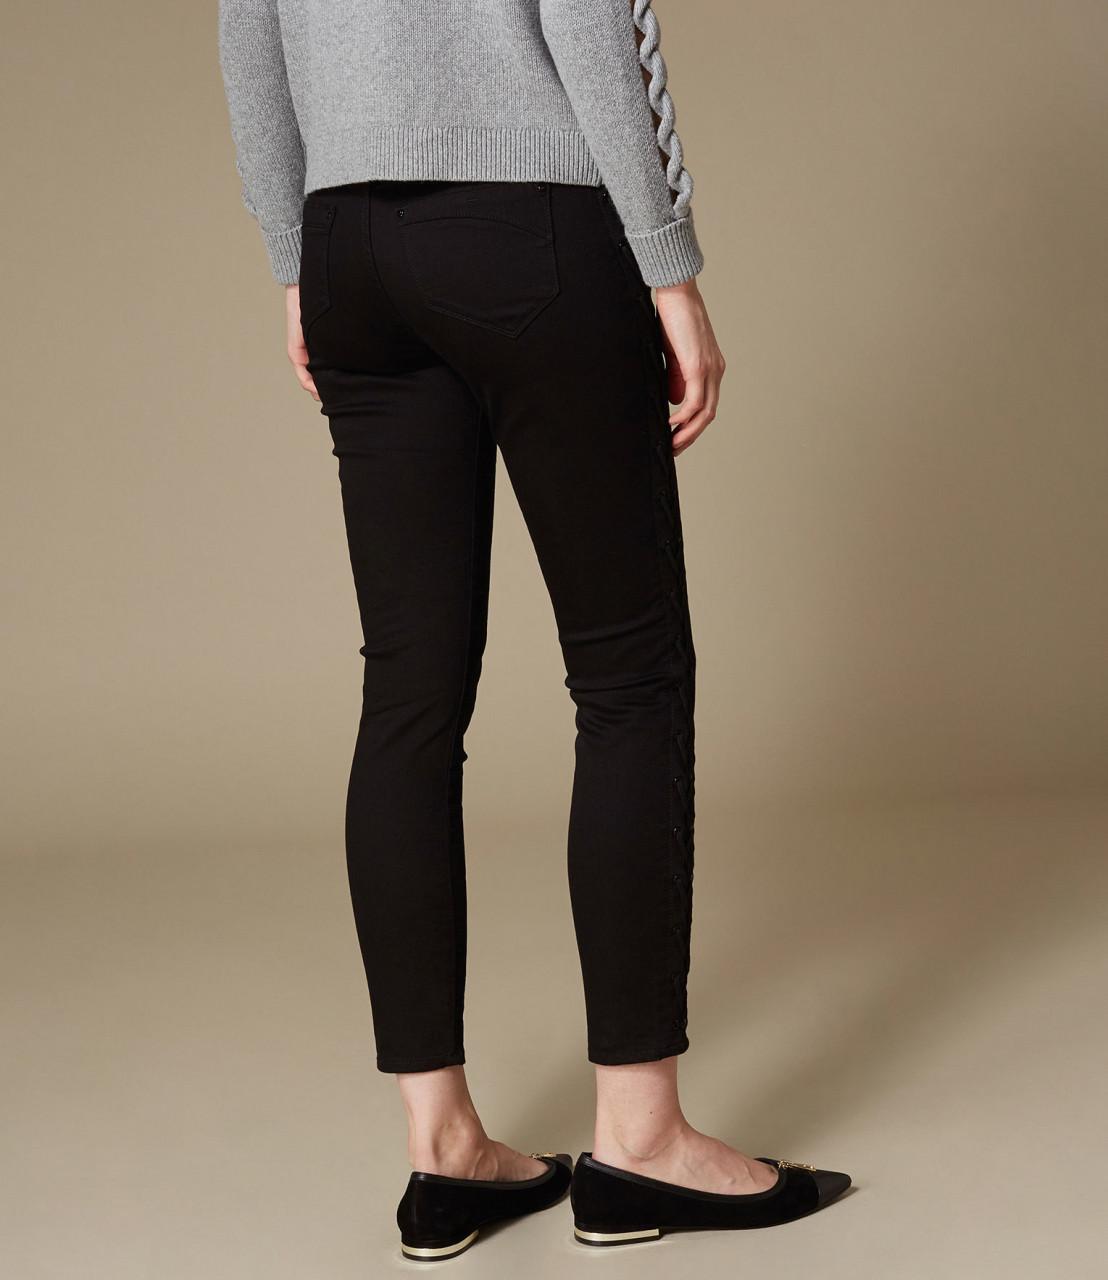 Jeans cordones